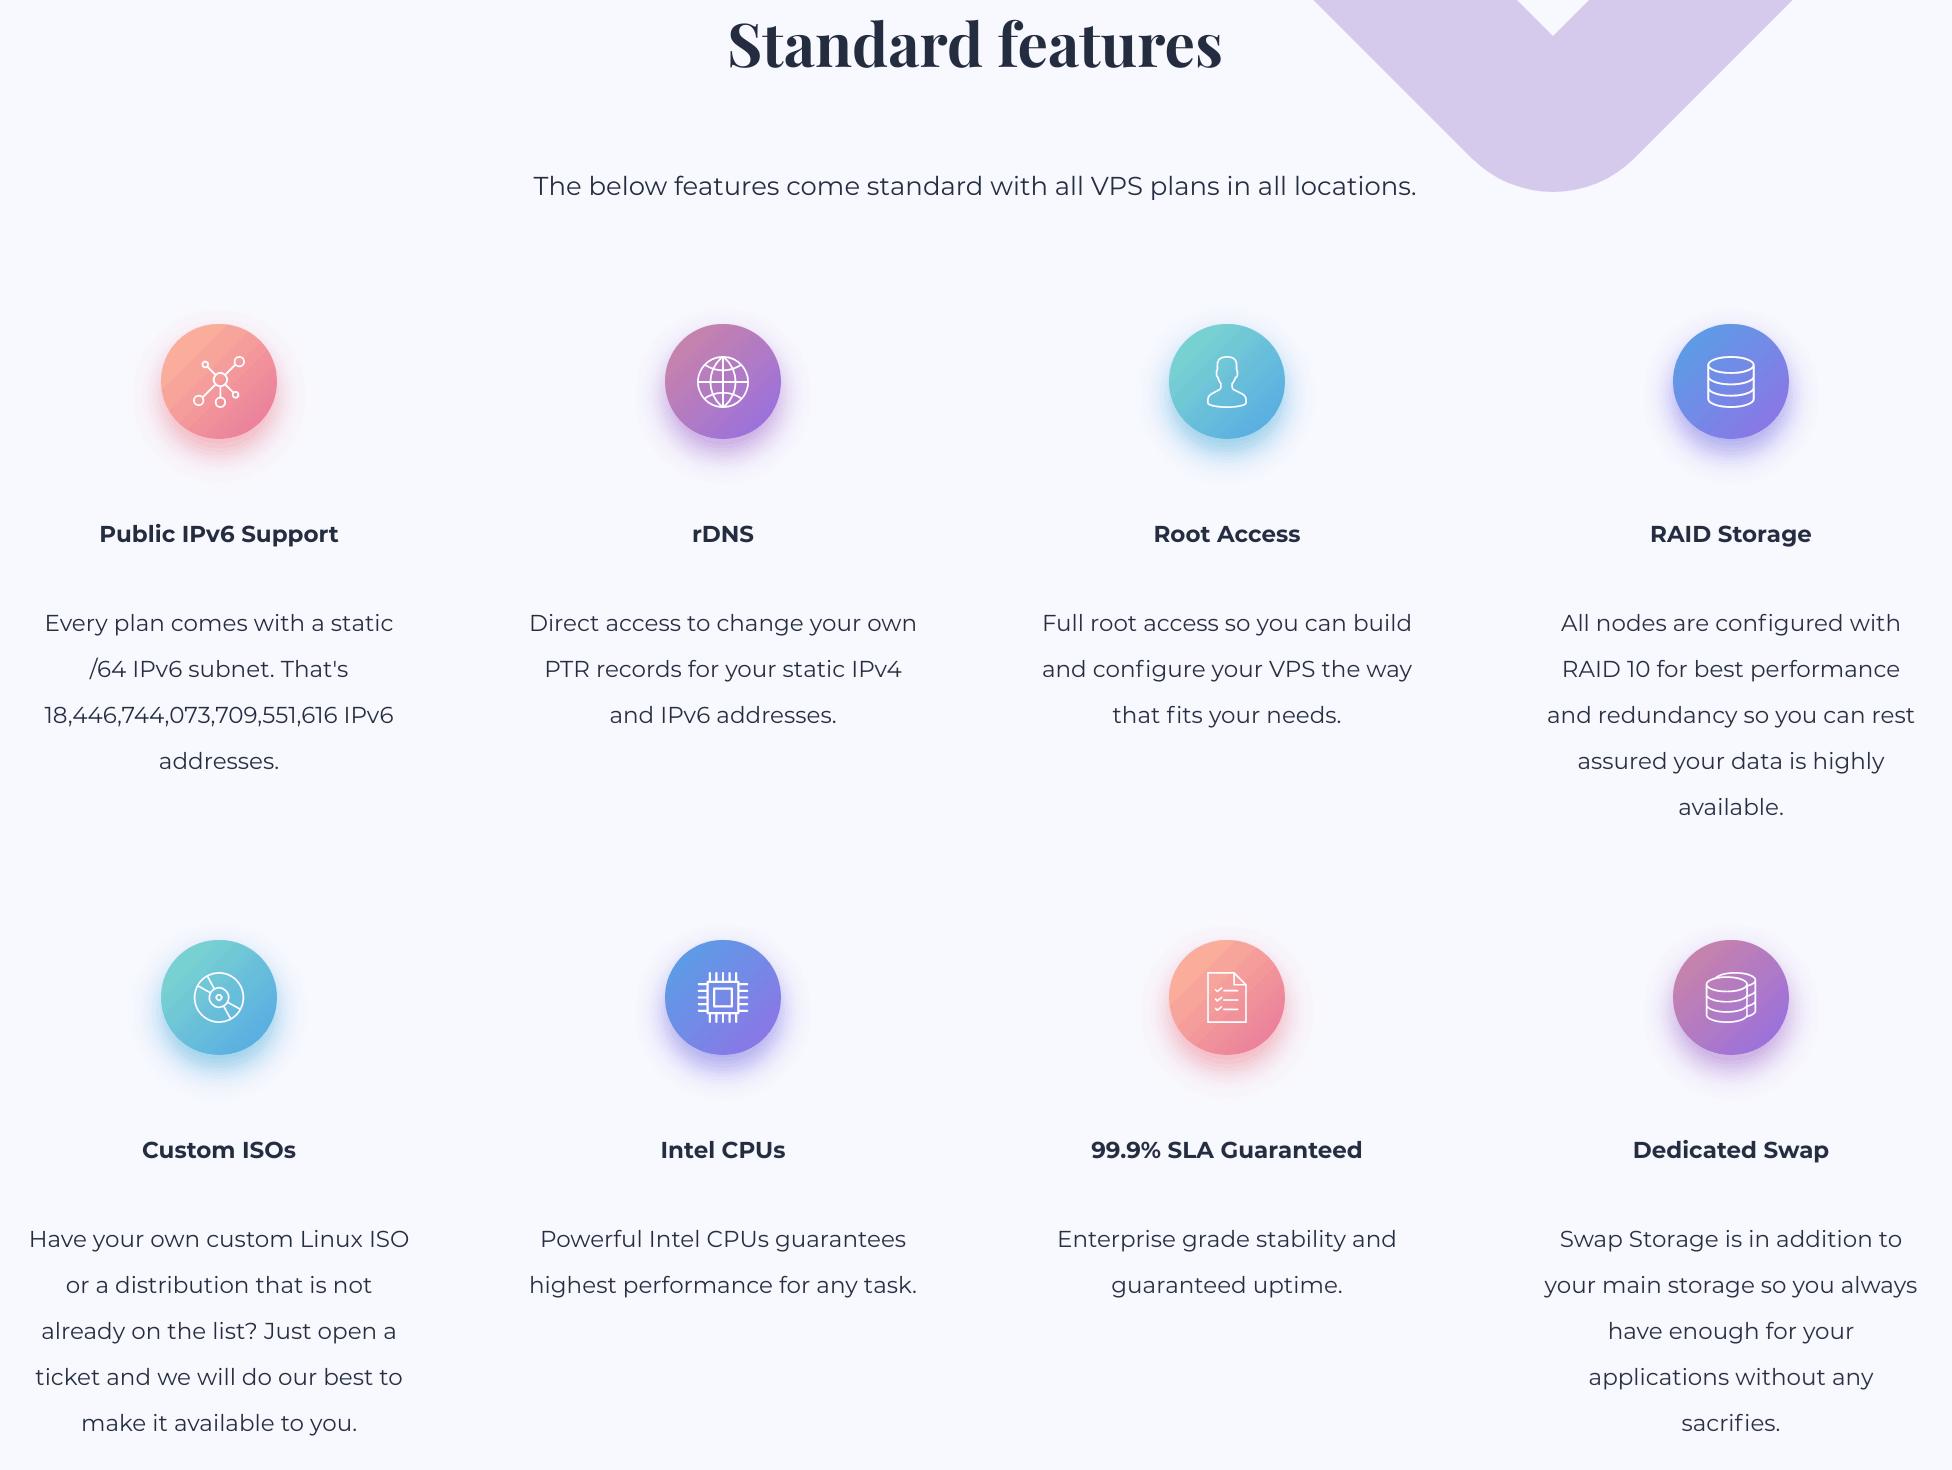 Hyper Expert Overview